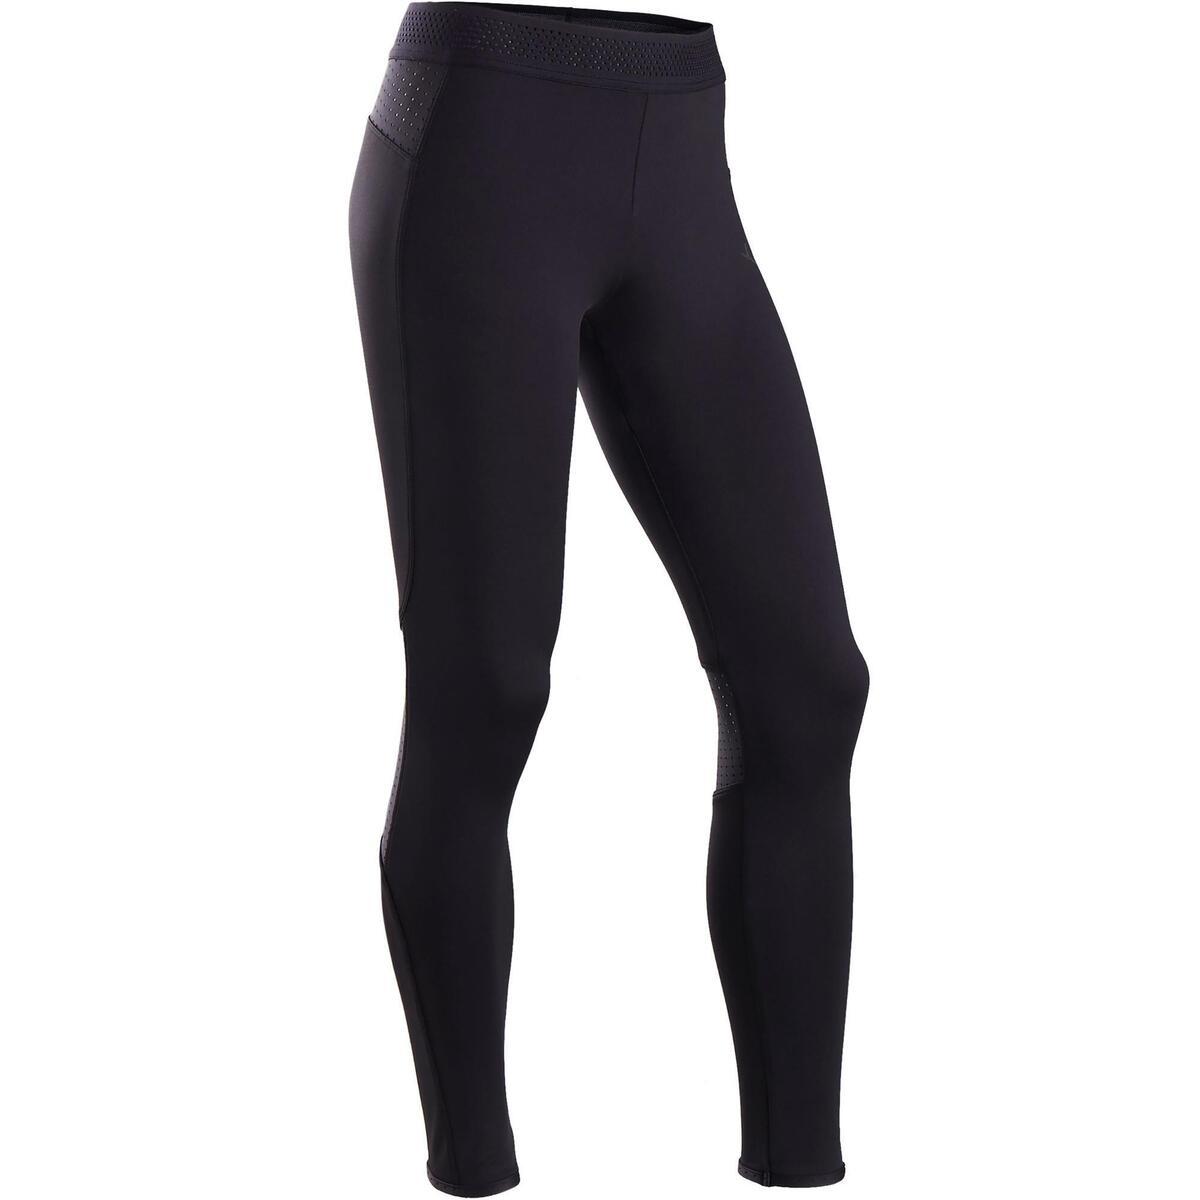 Bild 1 von Leggings warm atmungsaktiv S900 Gym Kinder schwarz, Innenseite grau